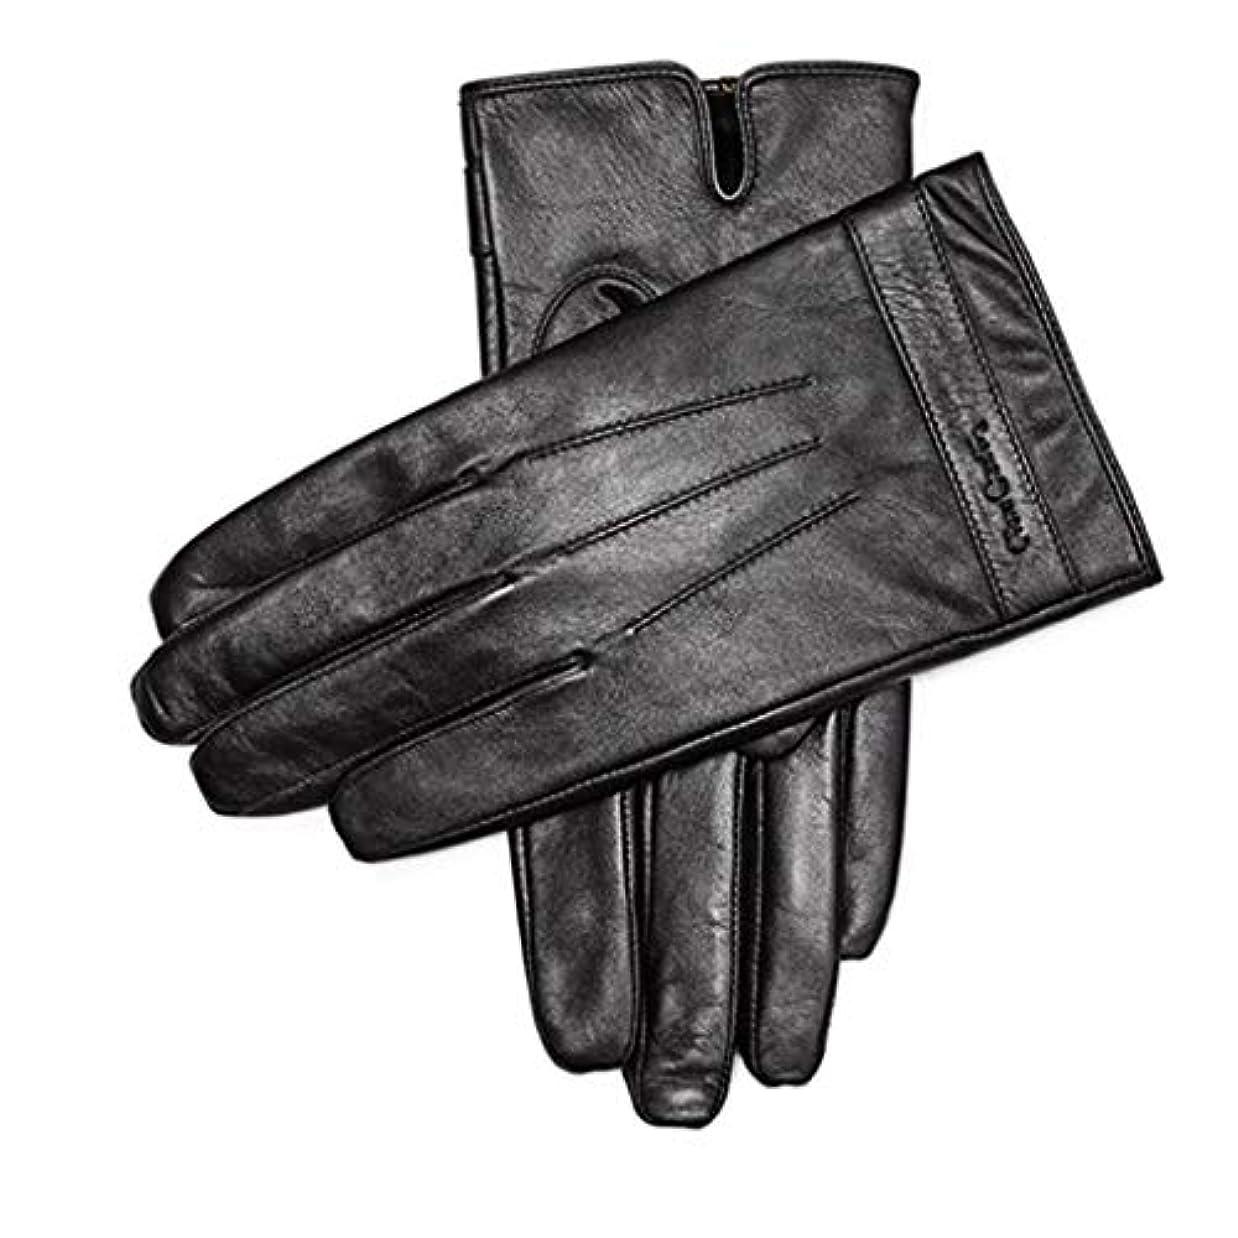 憲法ホステル建築家手袋暖かい肥厚プラスベルベットメンズシープスキン手袋メンズウィンターアンチスキッドサイクリングレザーグローブタッチスクリーンモデル(883191170-1厚いベルベット)L(175 / 65-70KG)